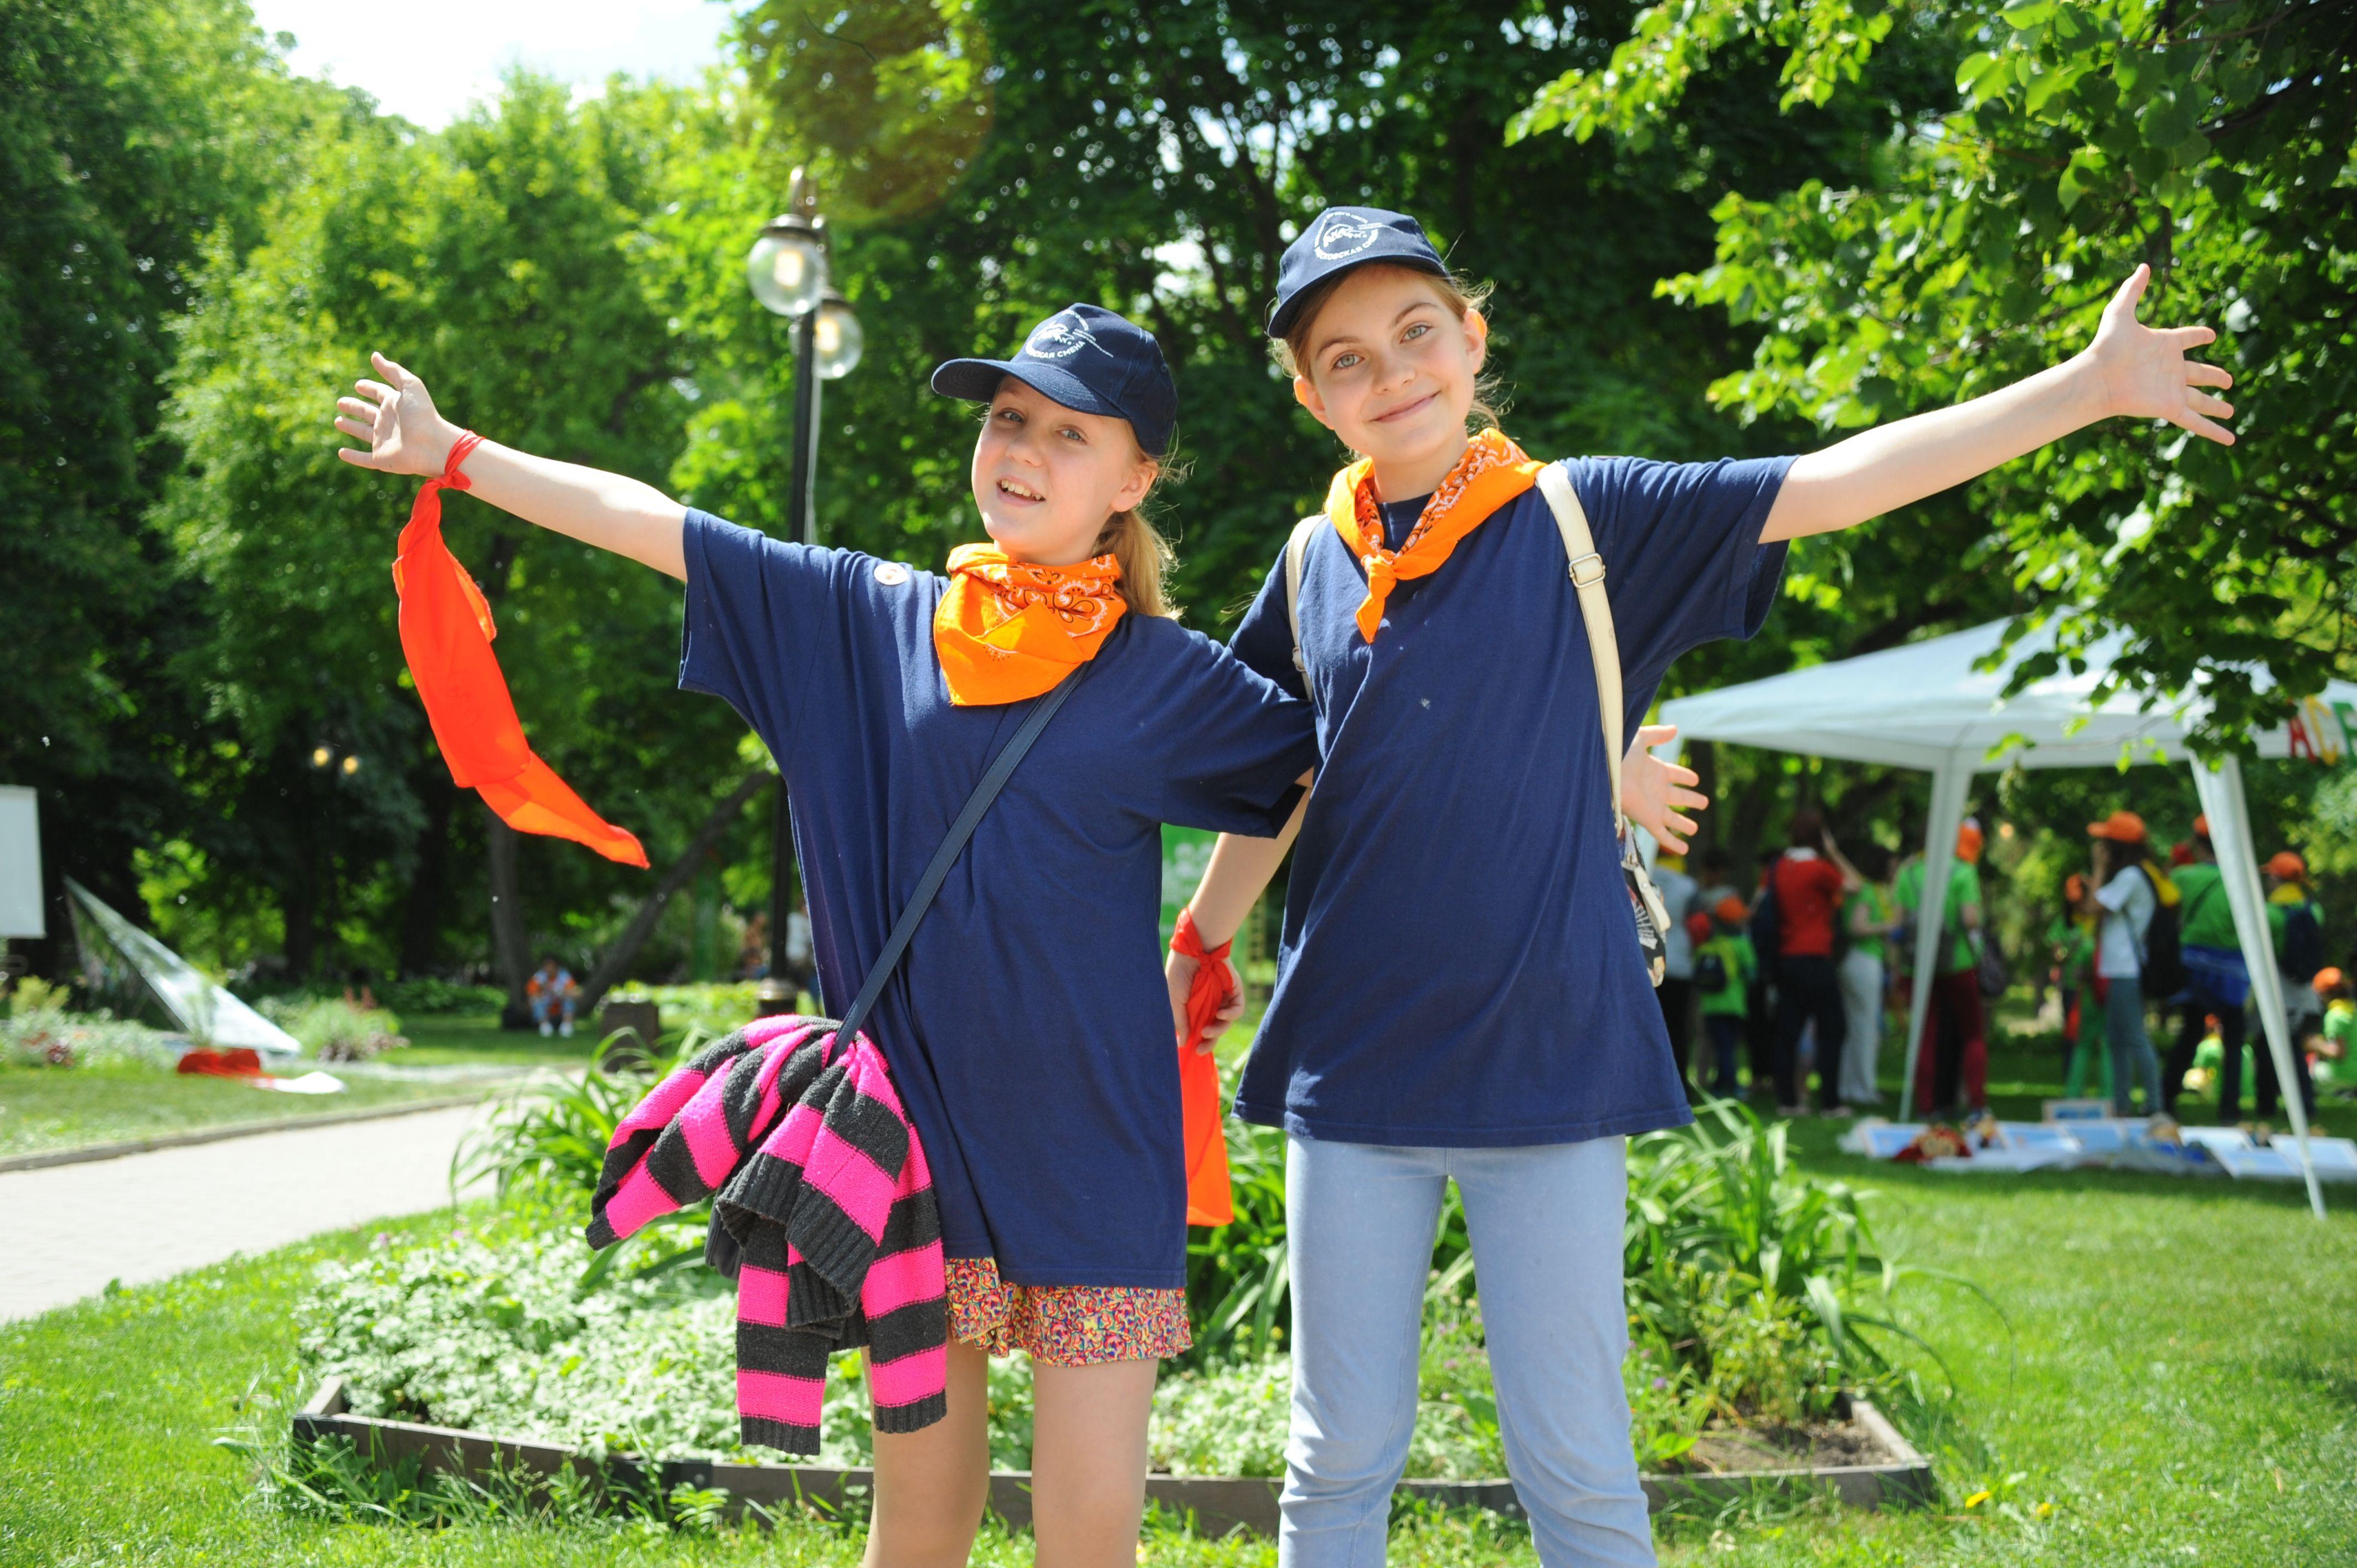 Москвичам рассказали о необходимых документах для детского лагеря